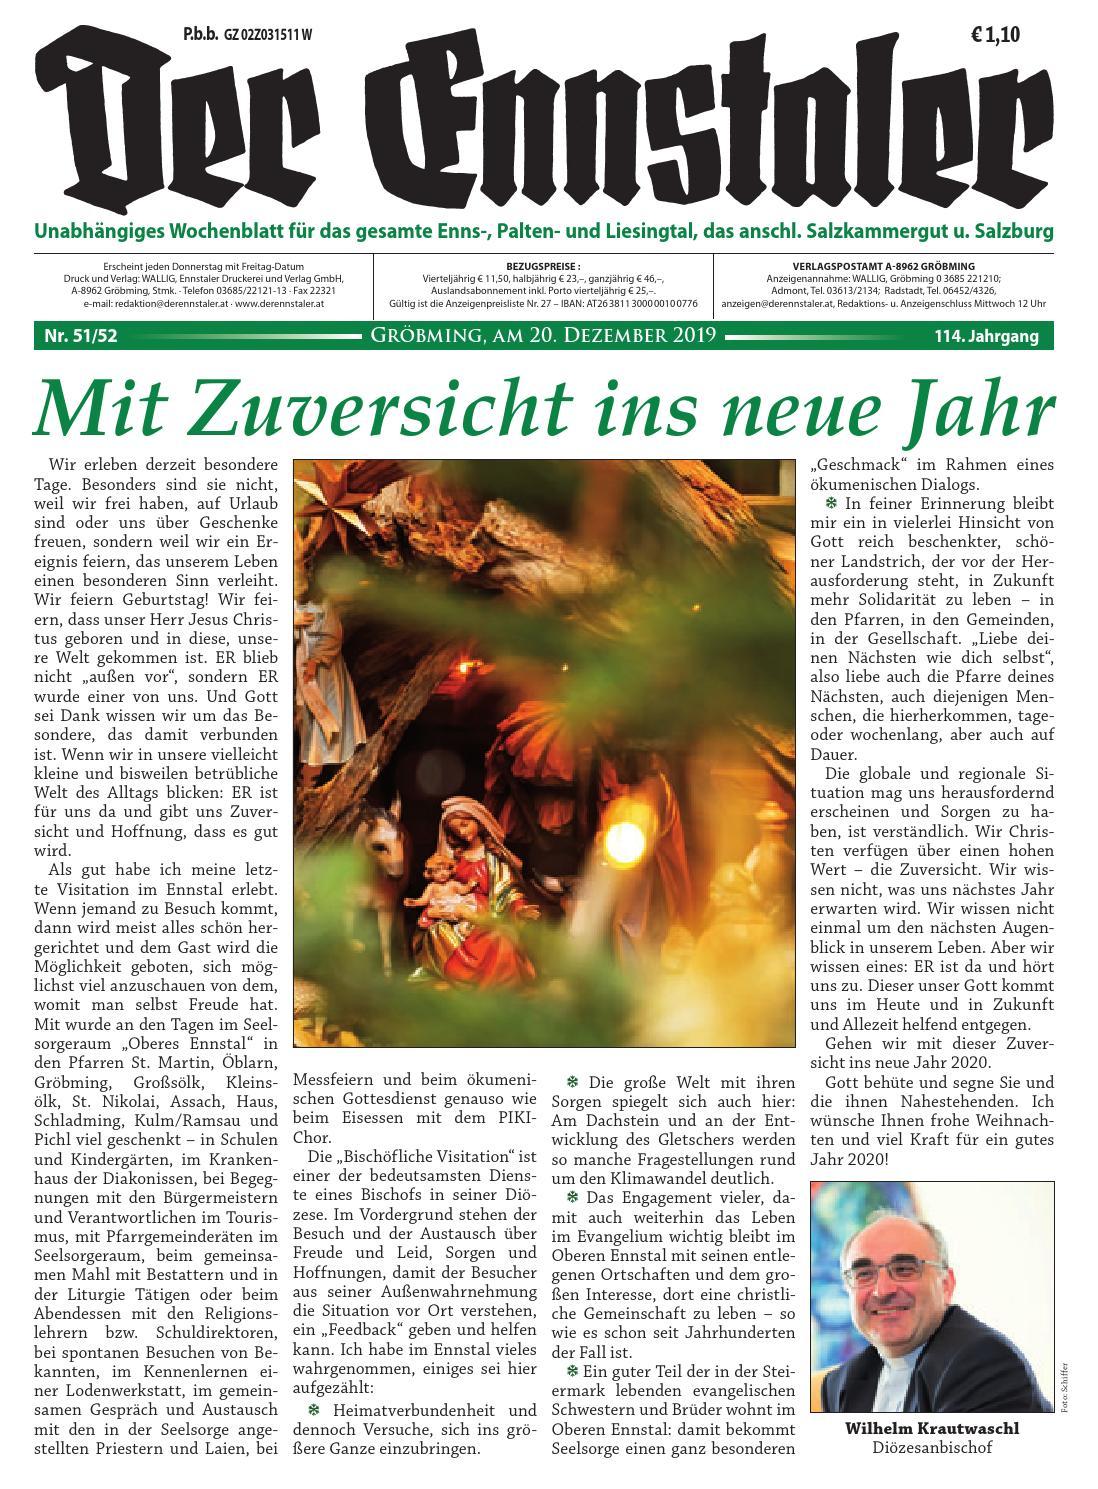 Er Sucht Sie Grbming, Singles sterreich Salzburg Itzling-Nord